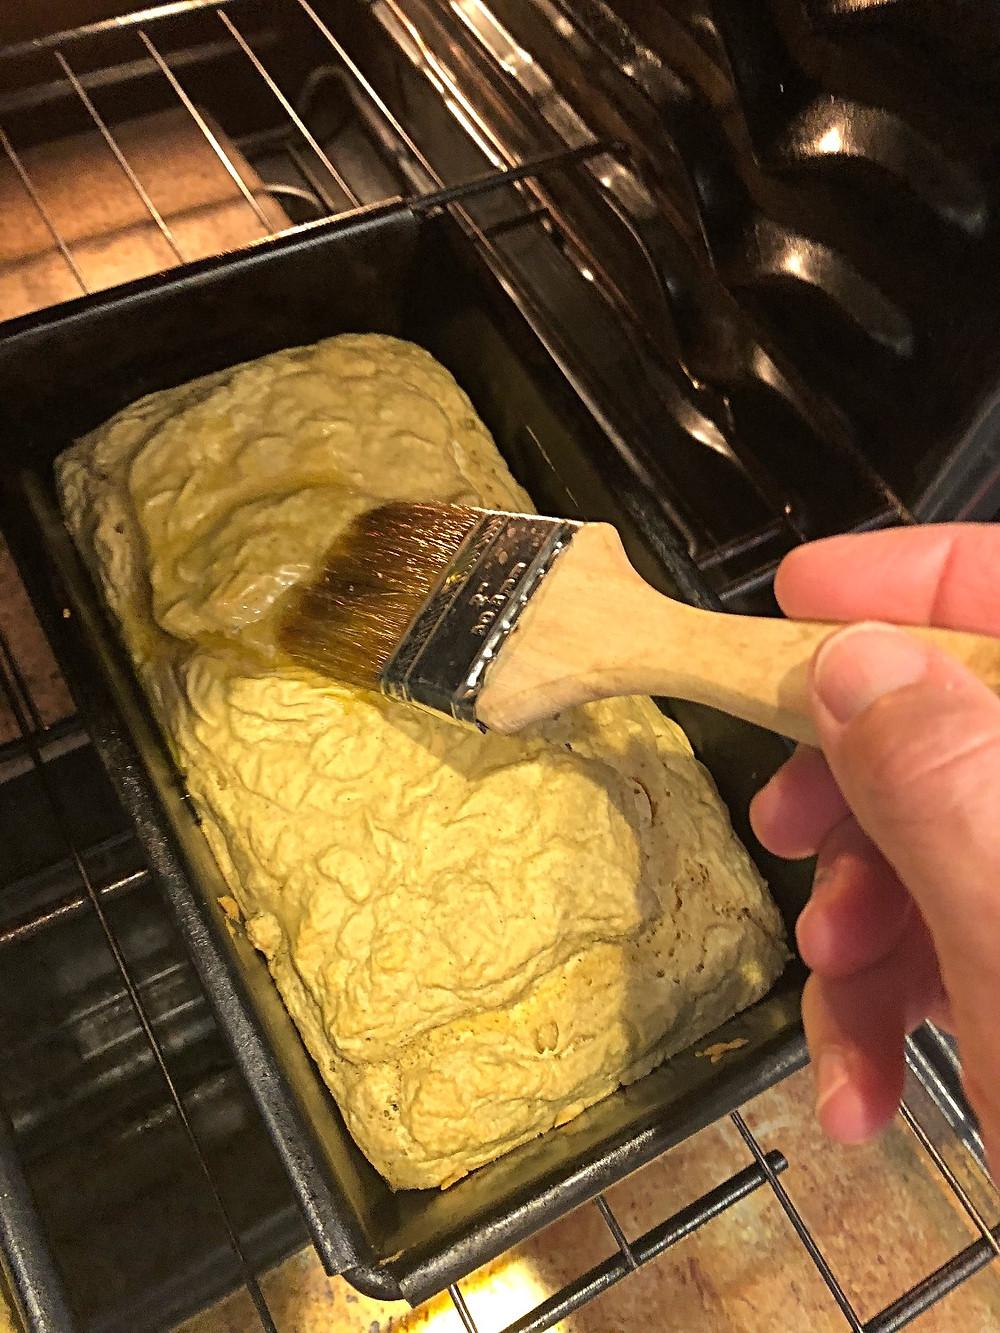 Brushing ghee on top of loaf